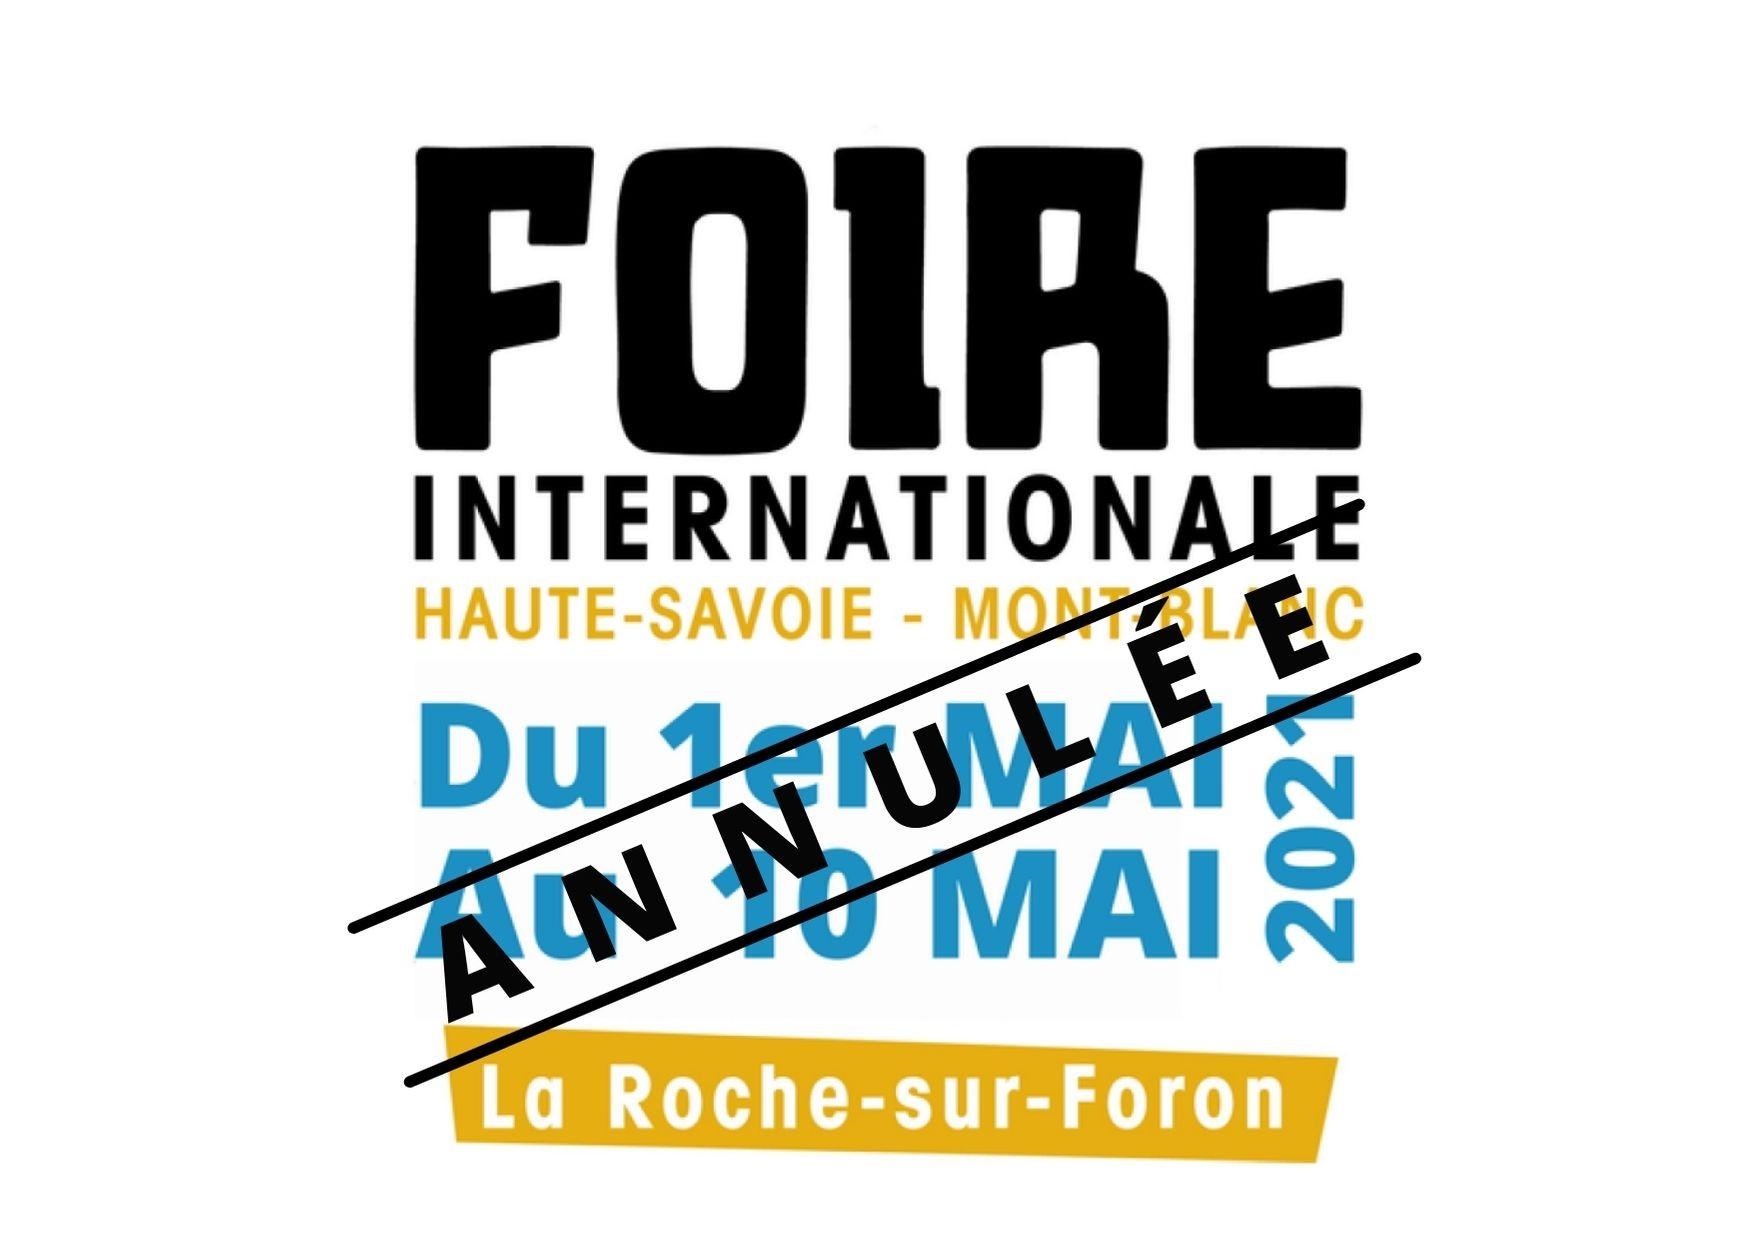 Foire Internationale